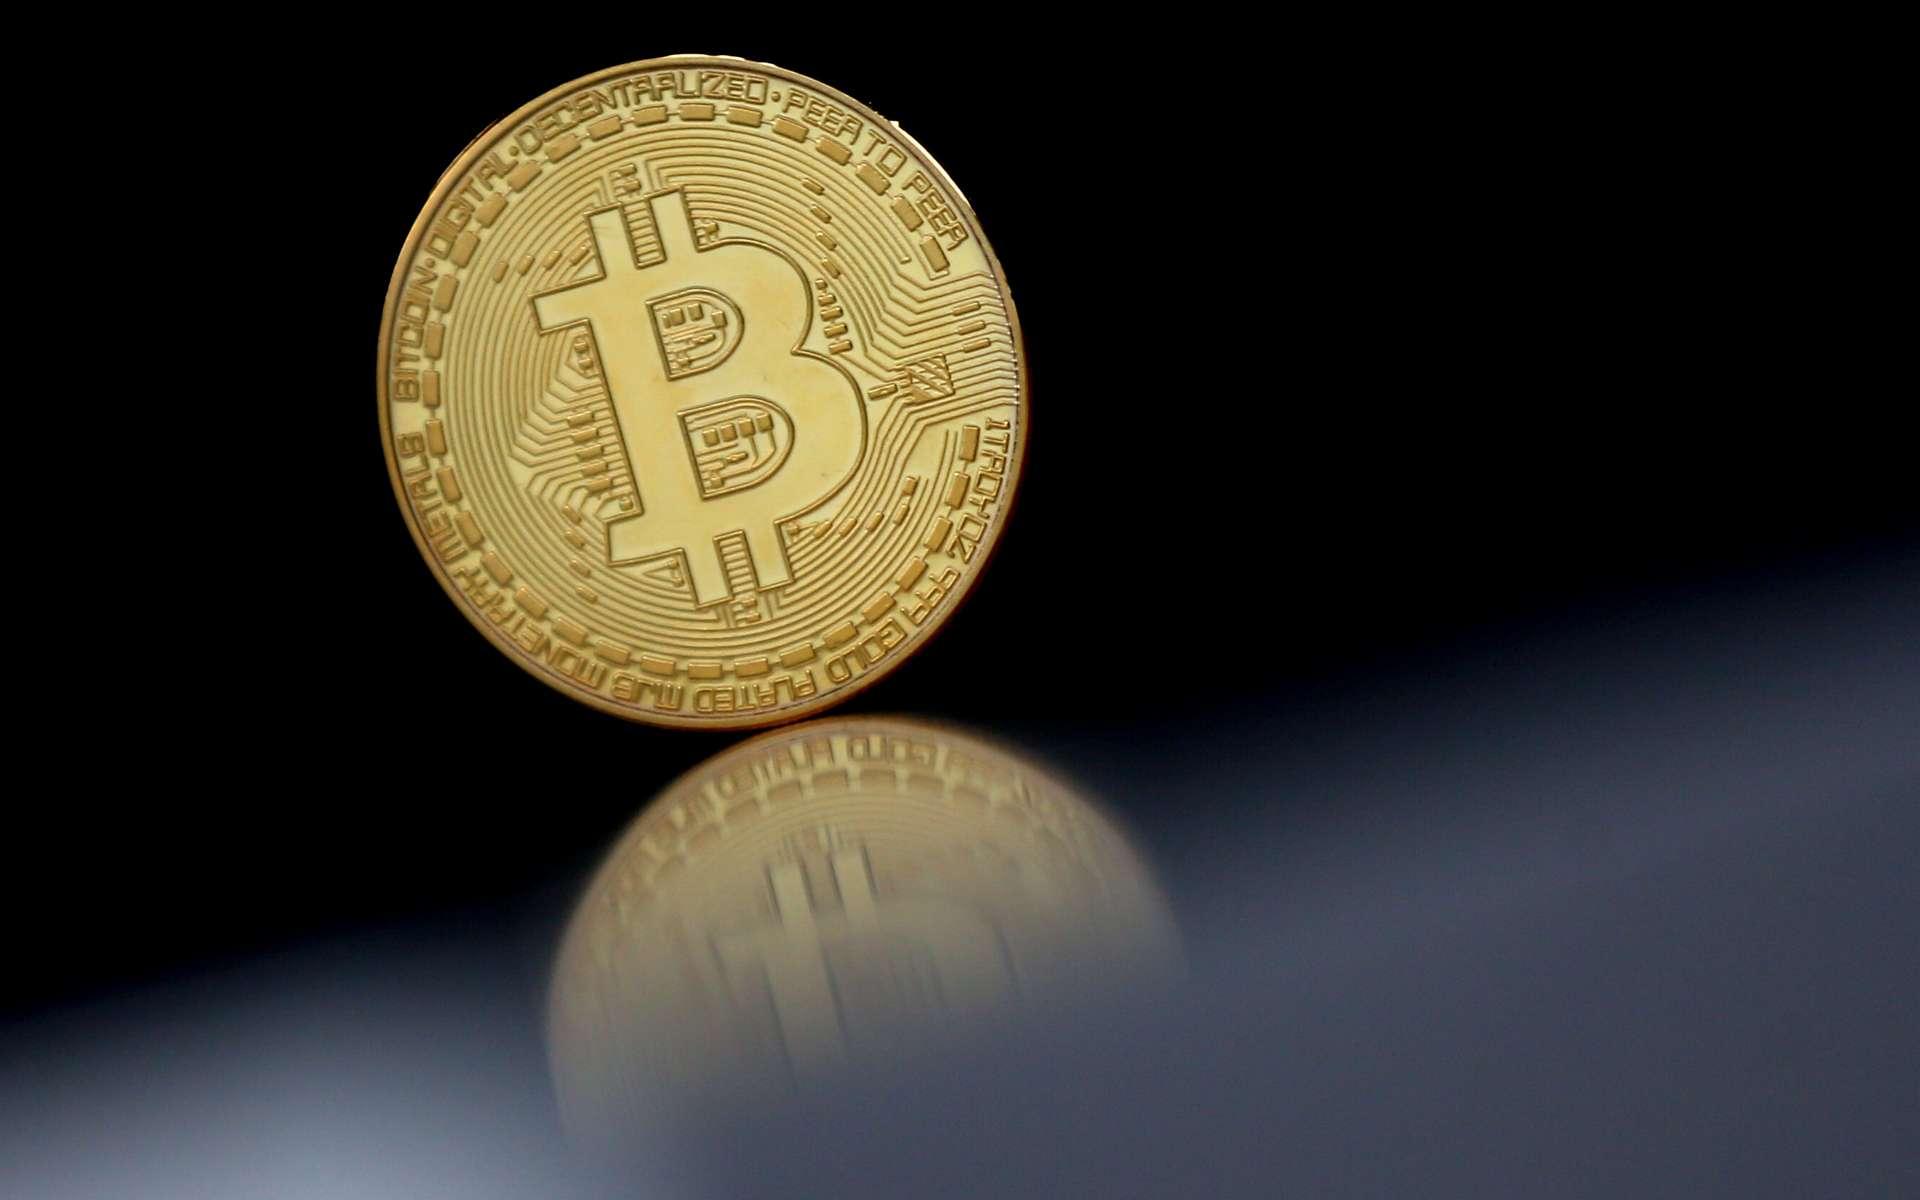 Le Bitcoin, principale cryptomonnaie. © Lionel, Adobe Stock